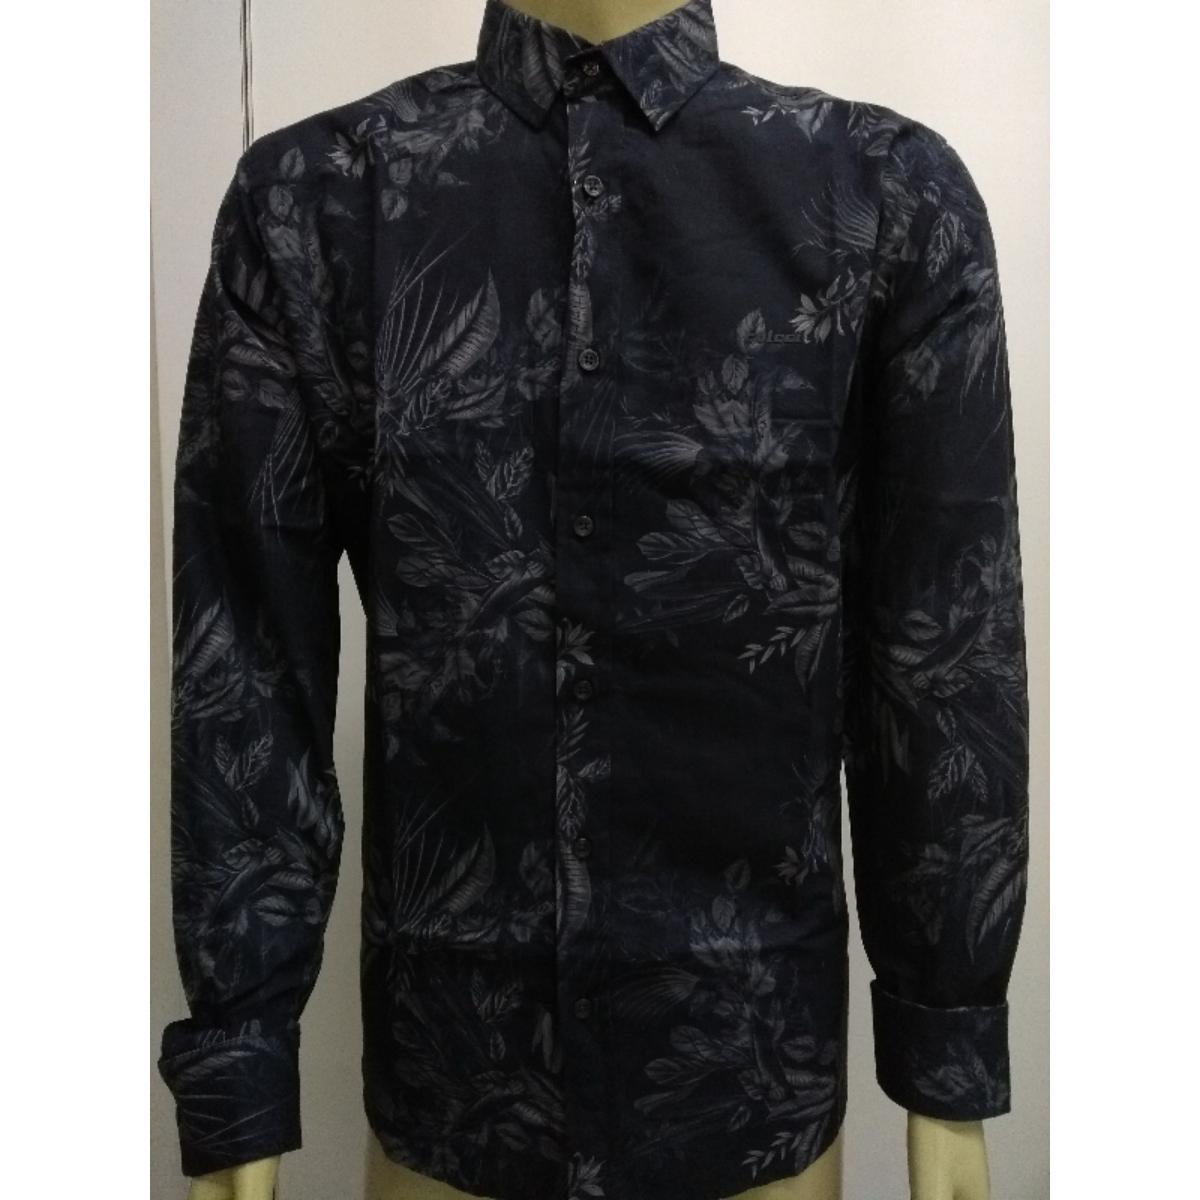 Camisa Masculina Colcci 310103496 Vc64 Preto Floral